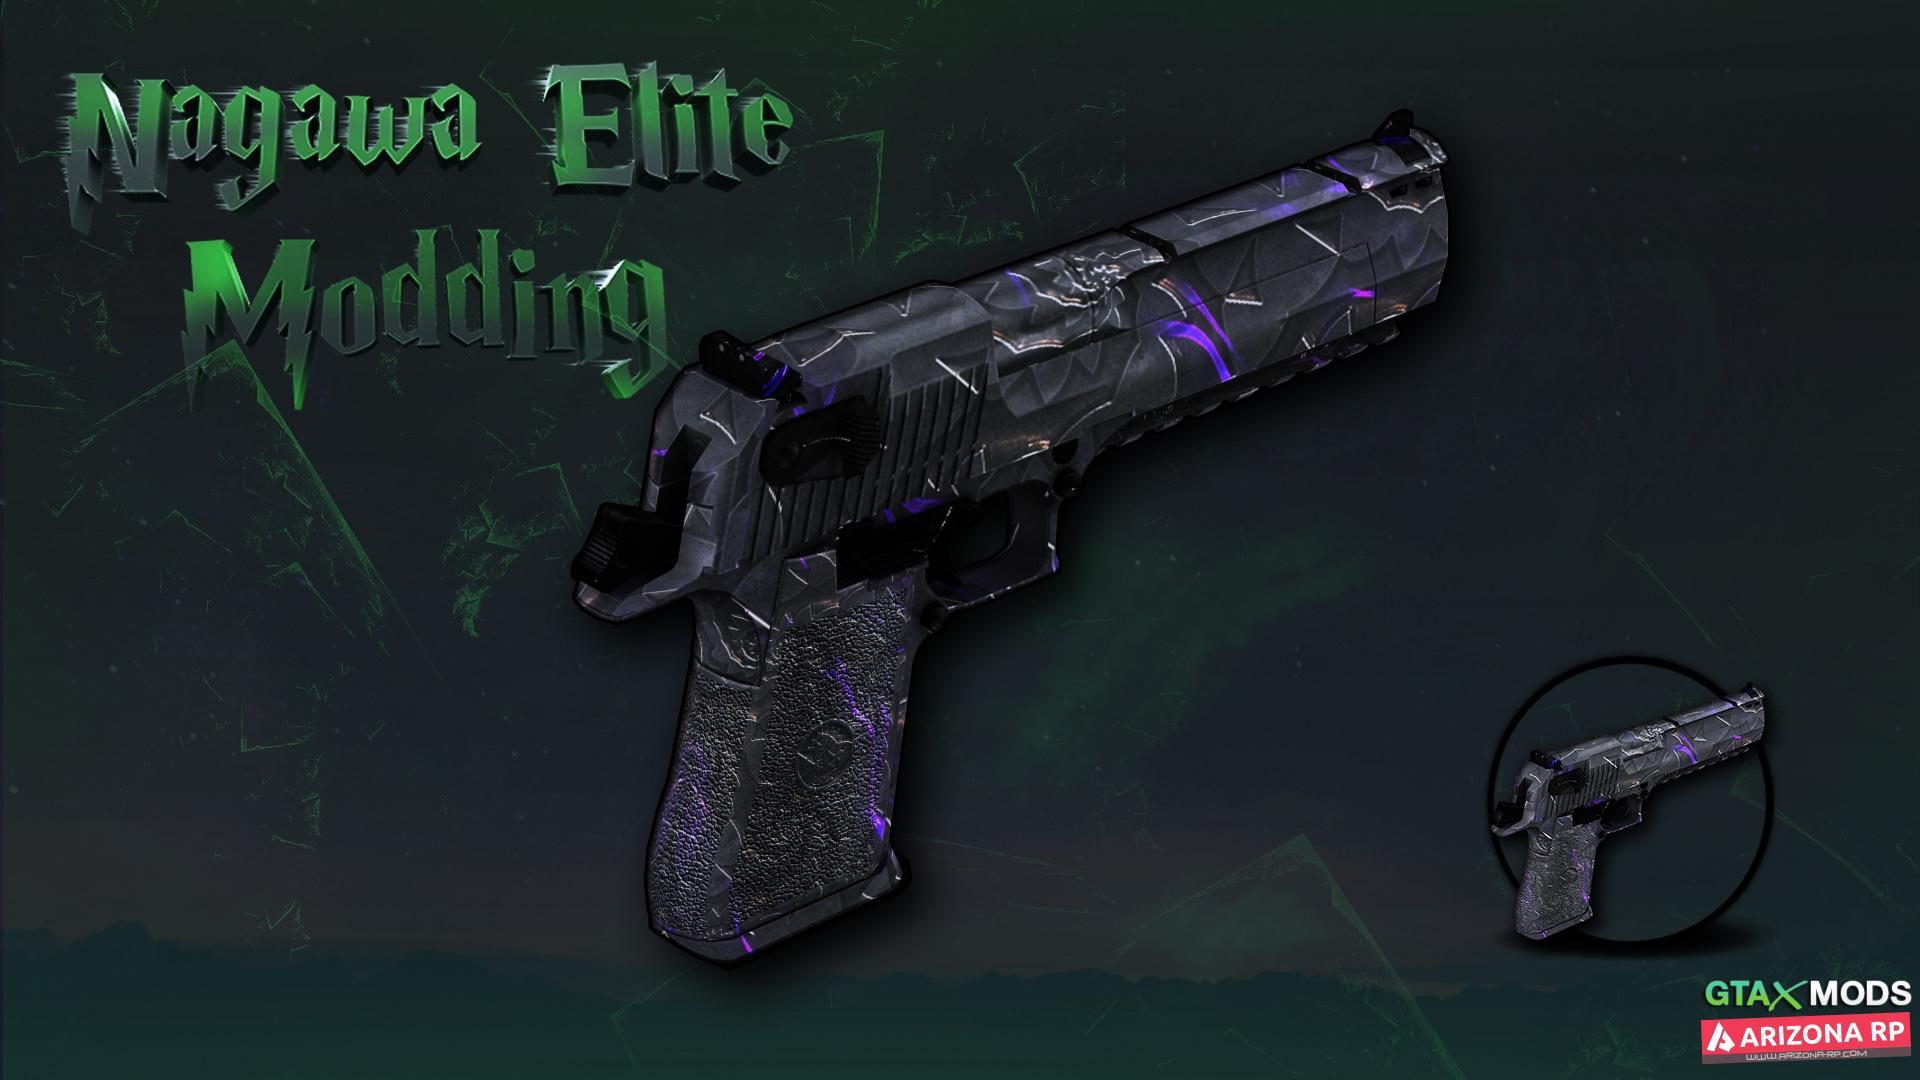 Desert Eagle | Black E | Nagawa elite Modding